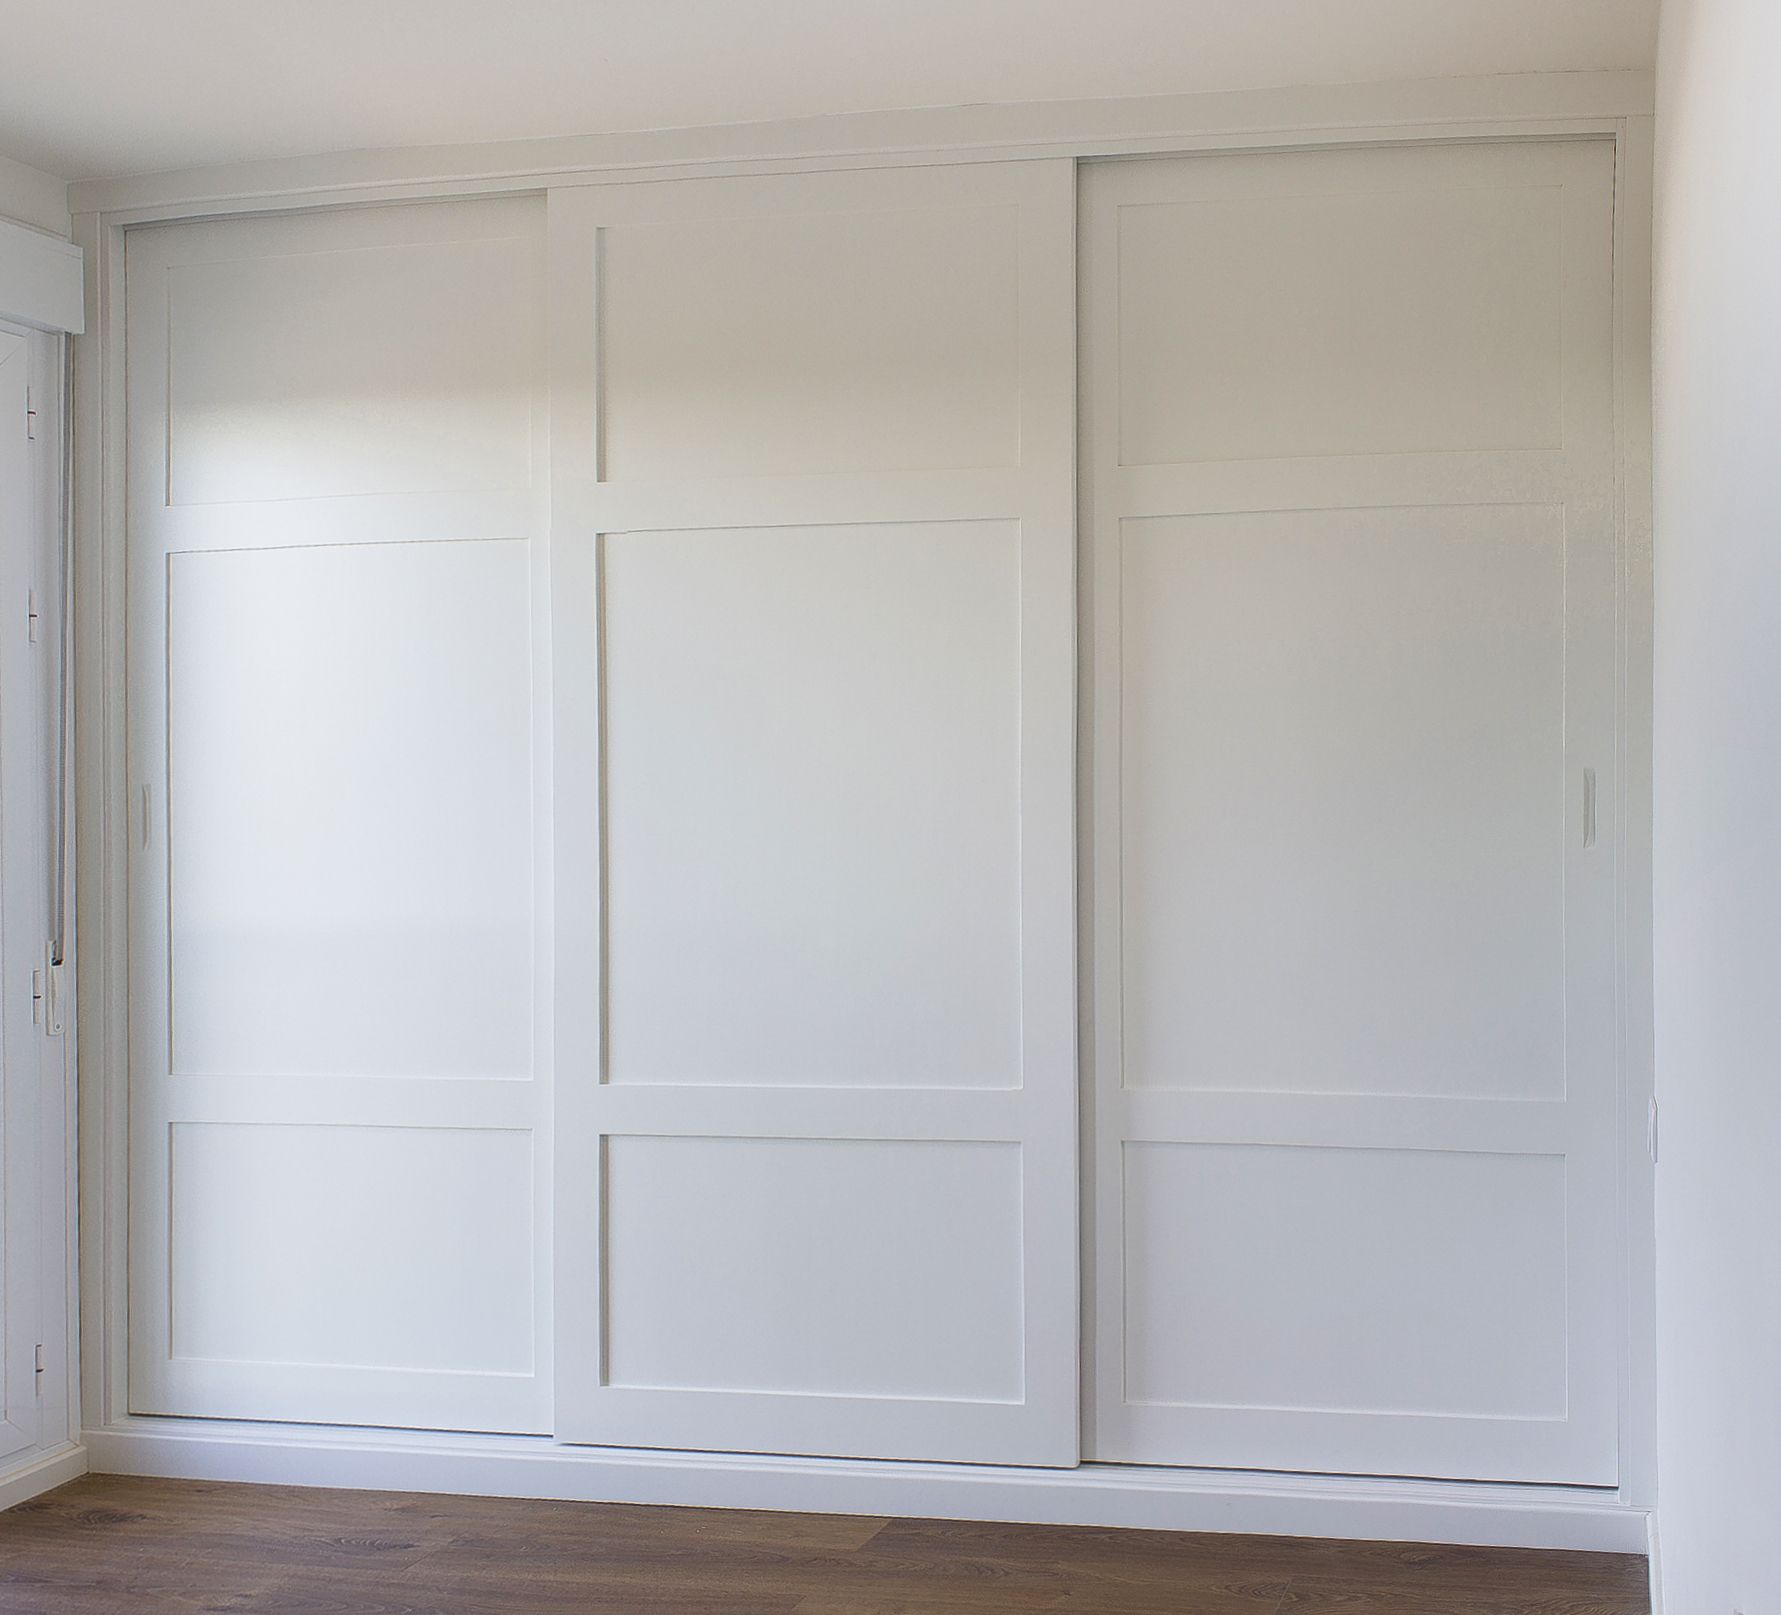 Armario empotrado a medida color blanco tres puertas for Puertas armarios empotrados